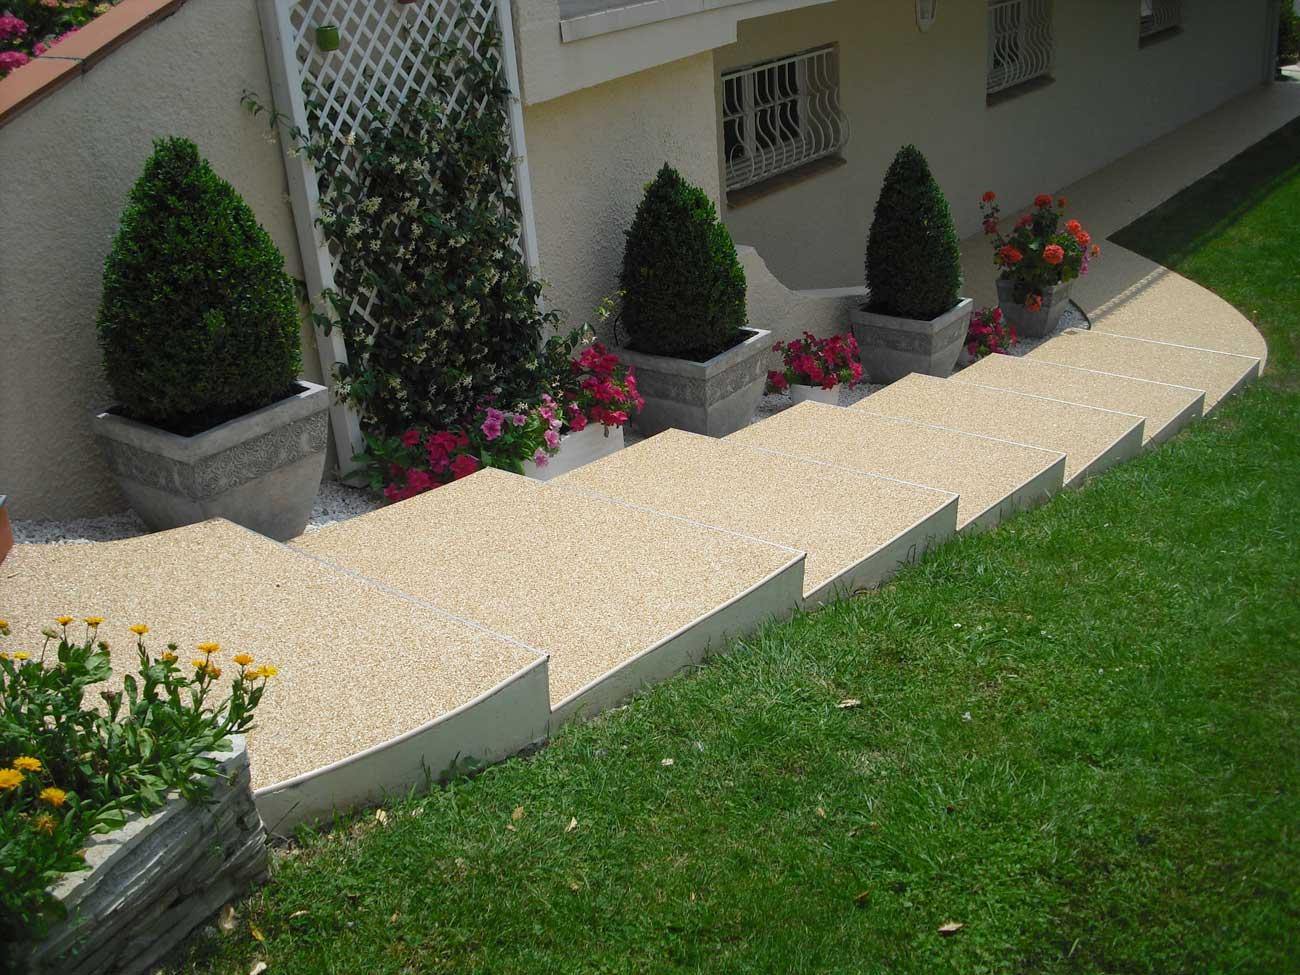 Escaliers en moquette de pierre